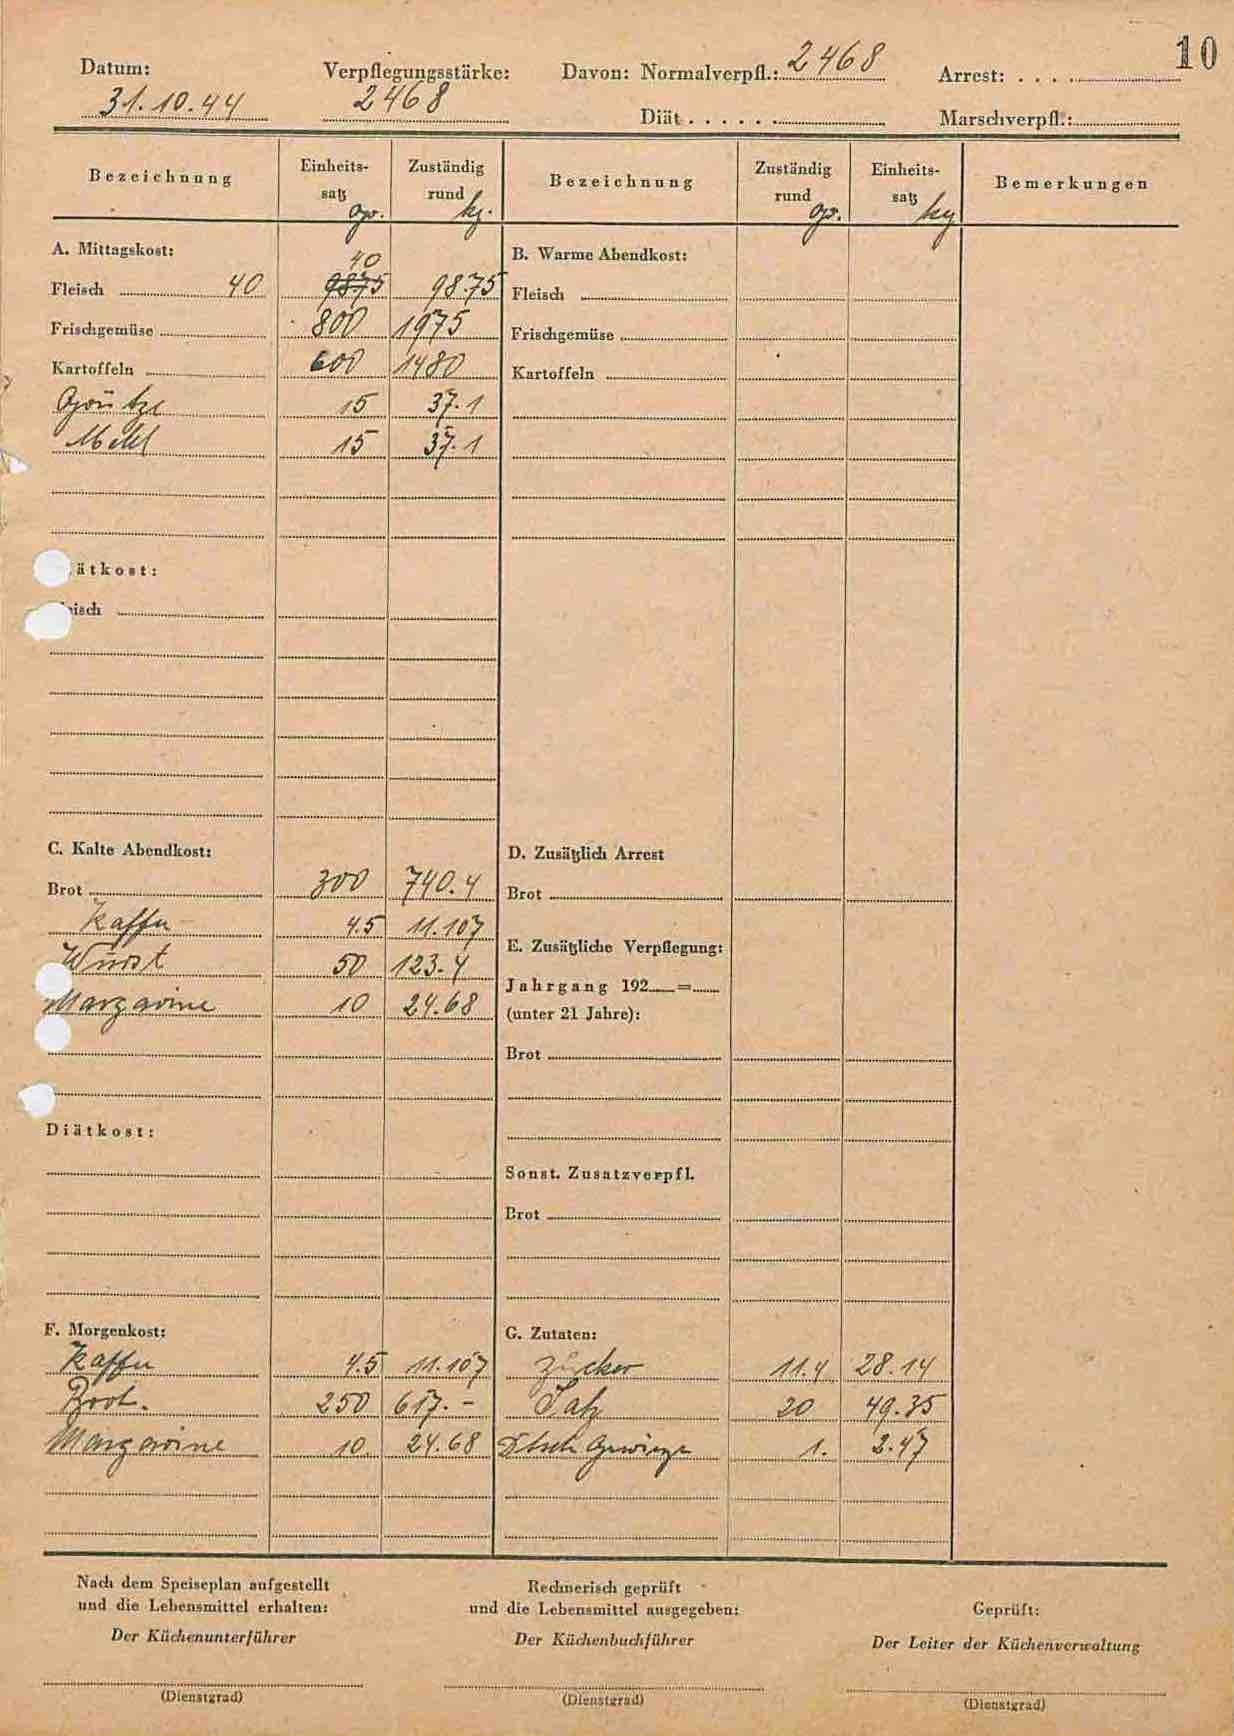 Küchentagebuch des Außenlagers Husum-Schwesing, Oktober 1944 Bundesarchiv Berlin NS 4/Ne 1, Bl. 1,10